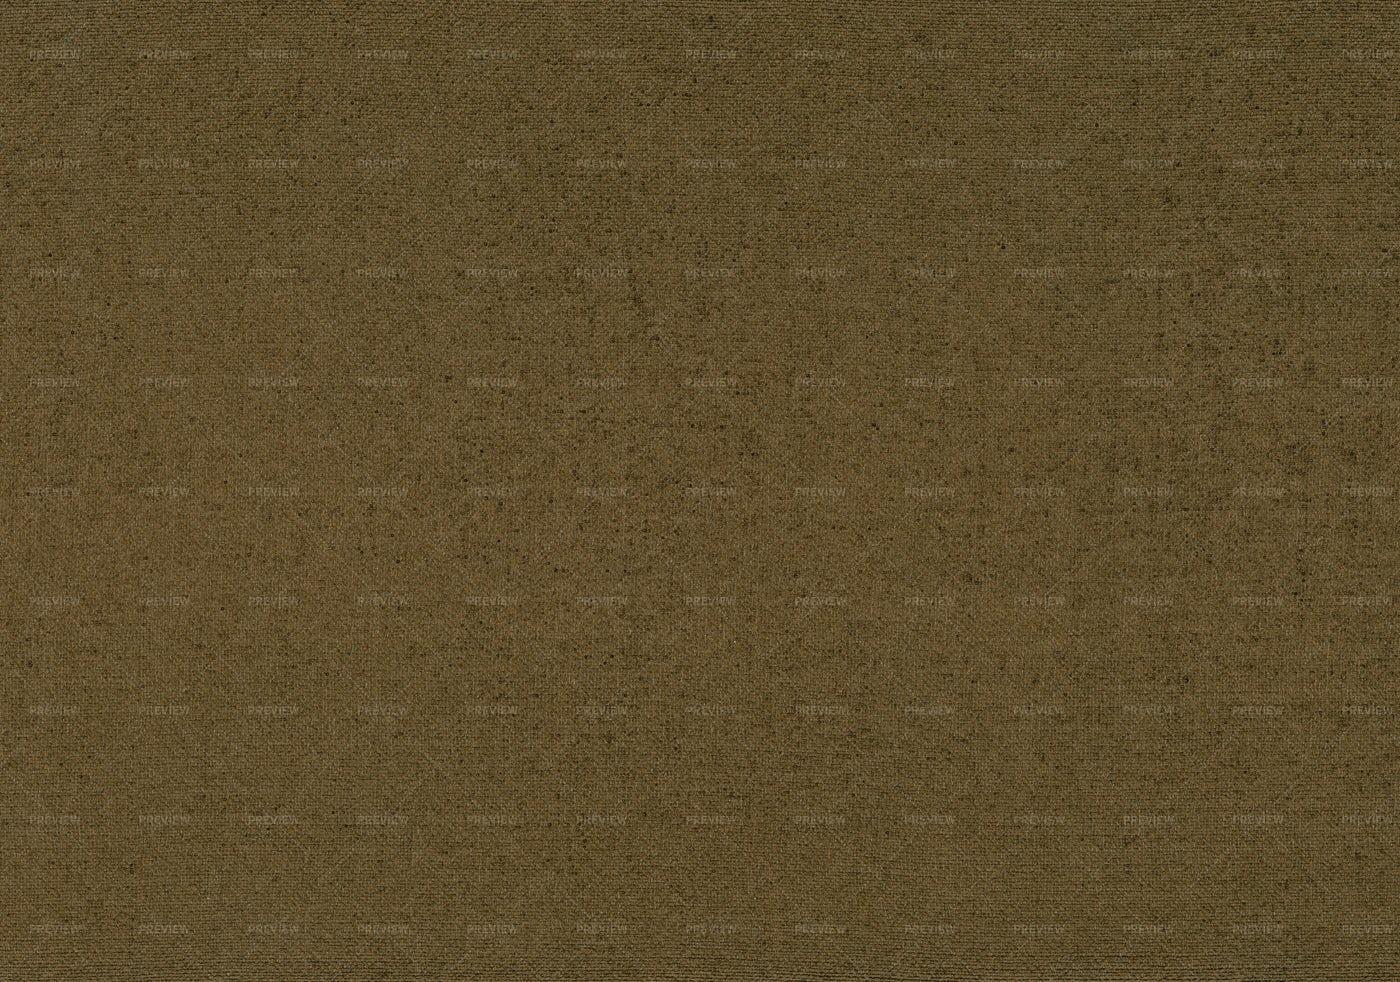 Brown Fabric Texture: Stock Photos